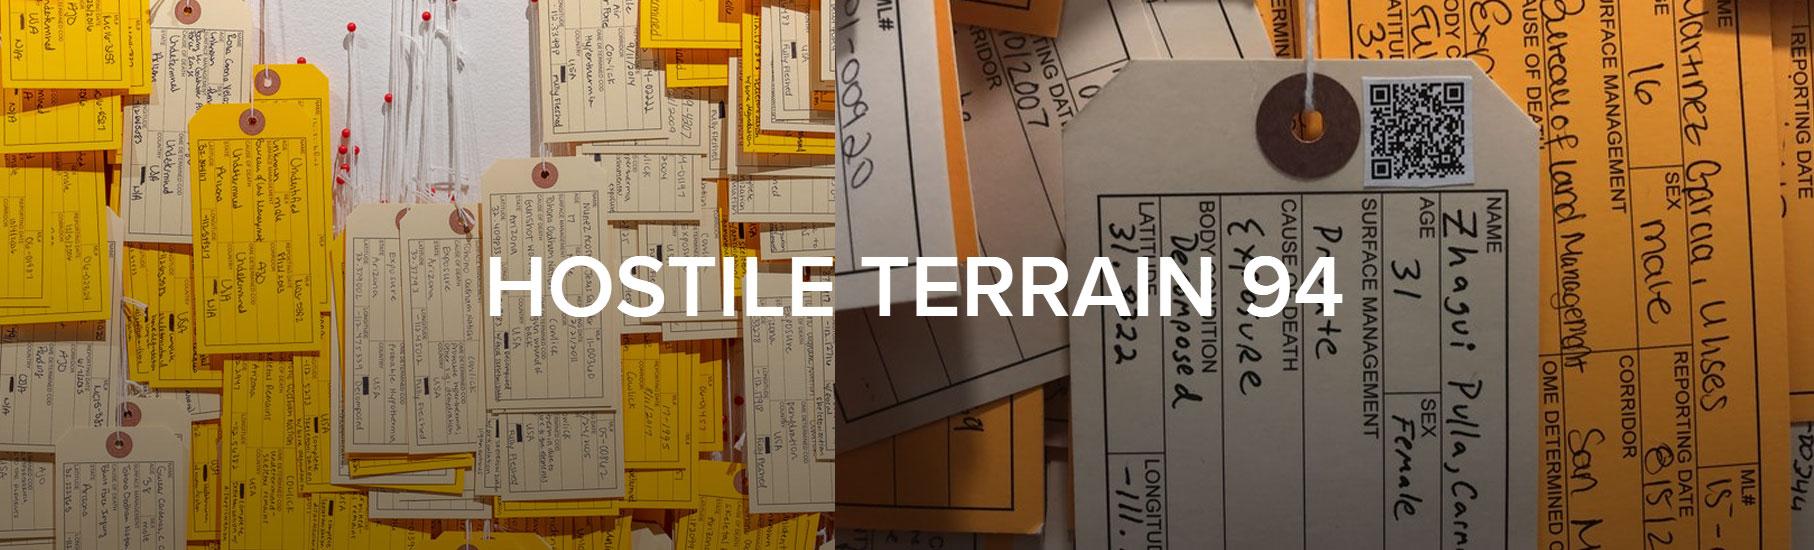 Hostile Terrain 94